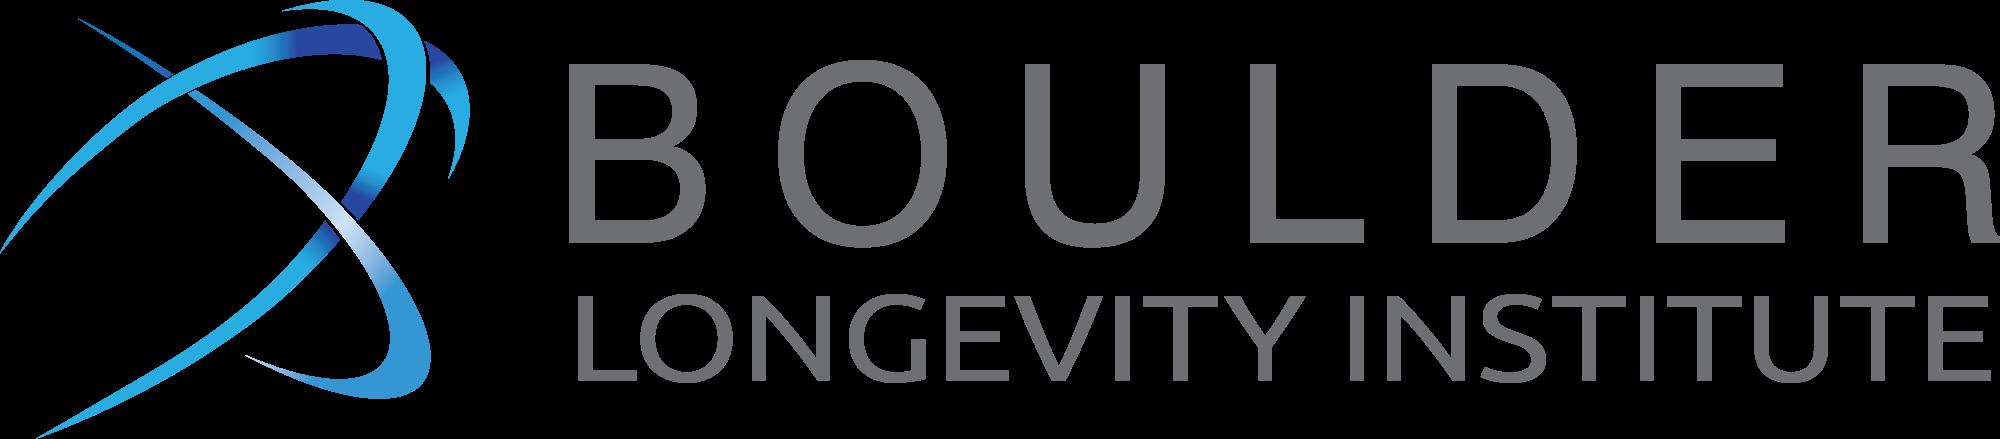 Boulder Longevity Institute